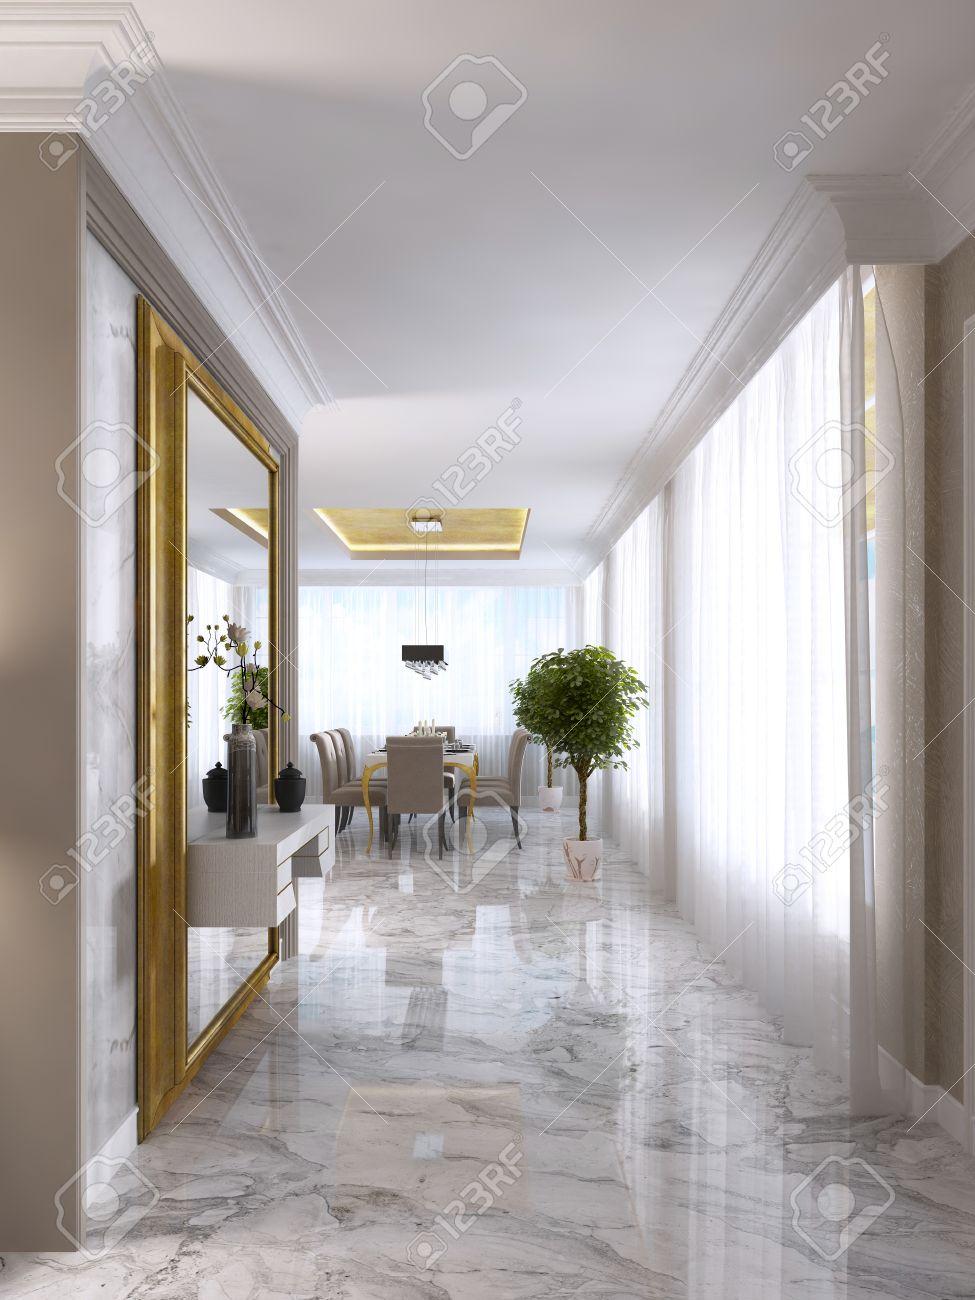 Grand Miroir D Entrée hall d'entrée de luxe art-déco avec un grand miroir design dans un cadre  doré et intégré dans le décor de la console. rendu 3d.